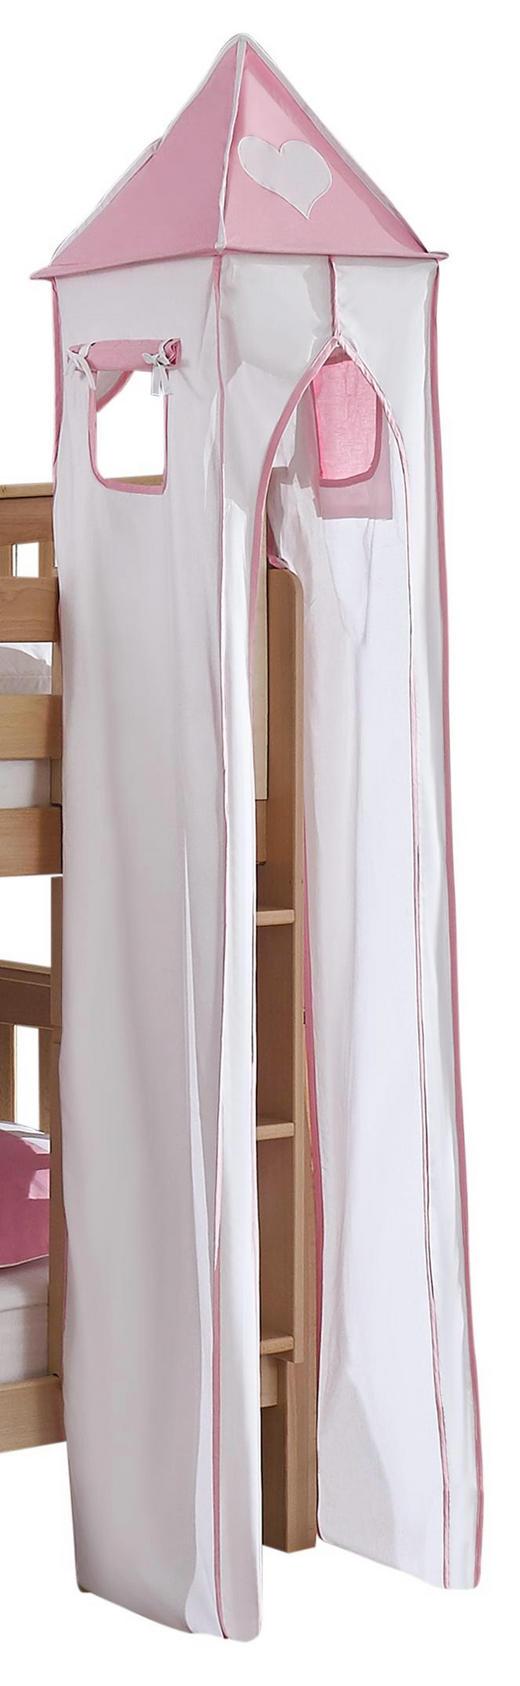 TURMSET Rosa, Weiß - Rosa/Weiß, Design, Textil (40/235/40cm)